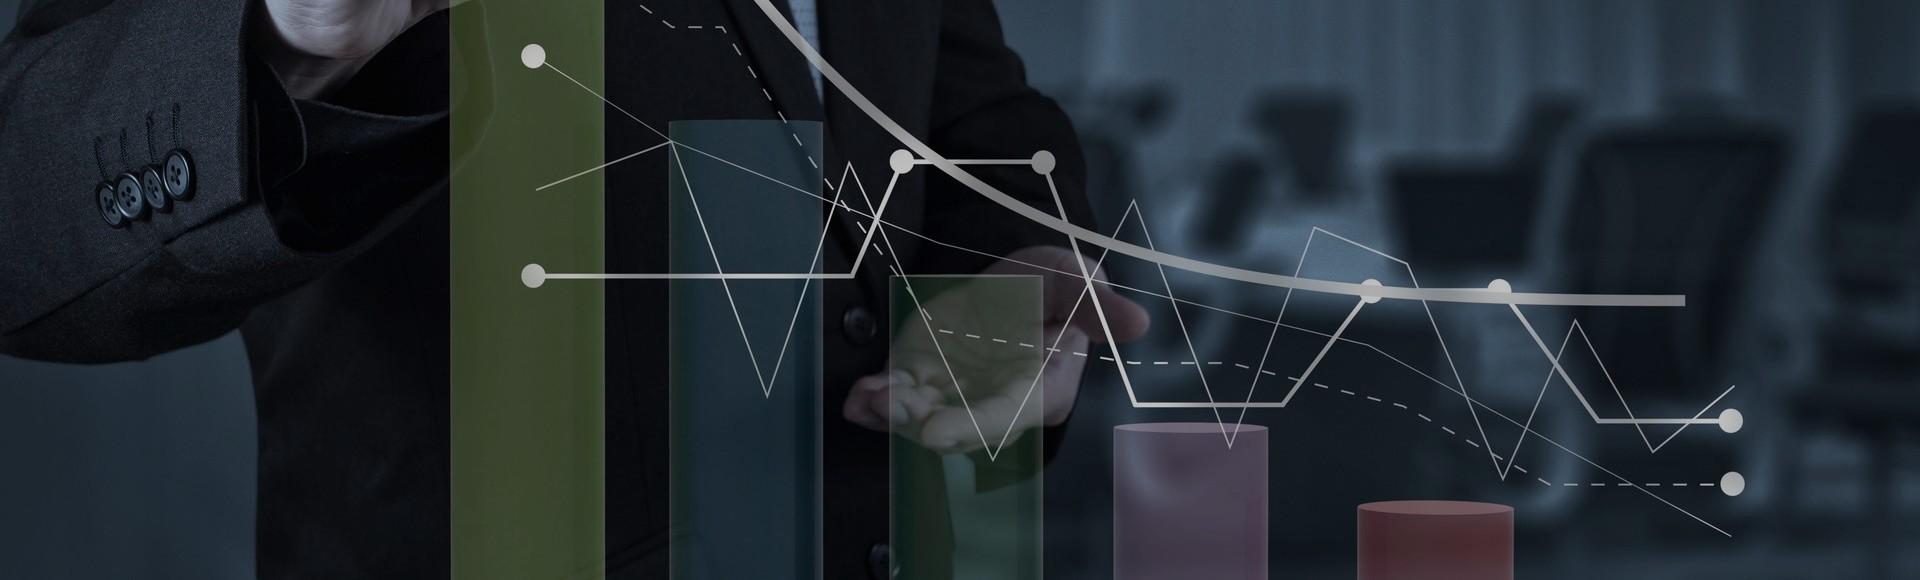 Fachgebiete Abr Sesta Marktforschung